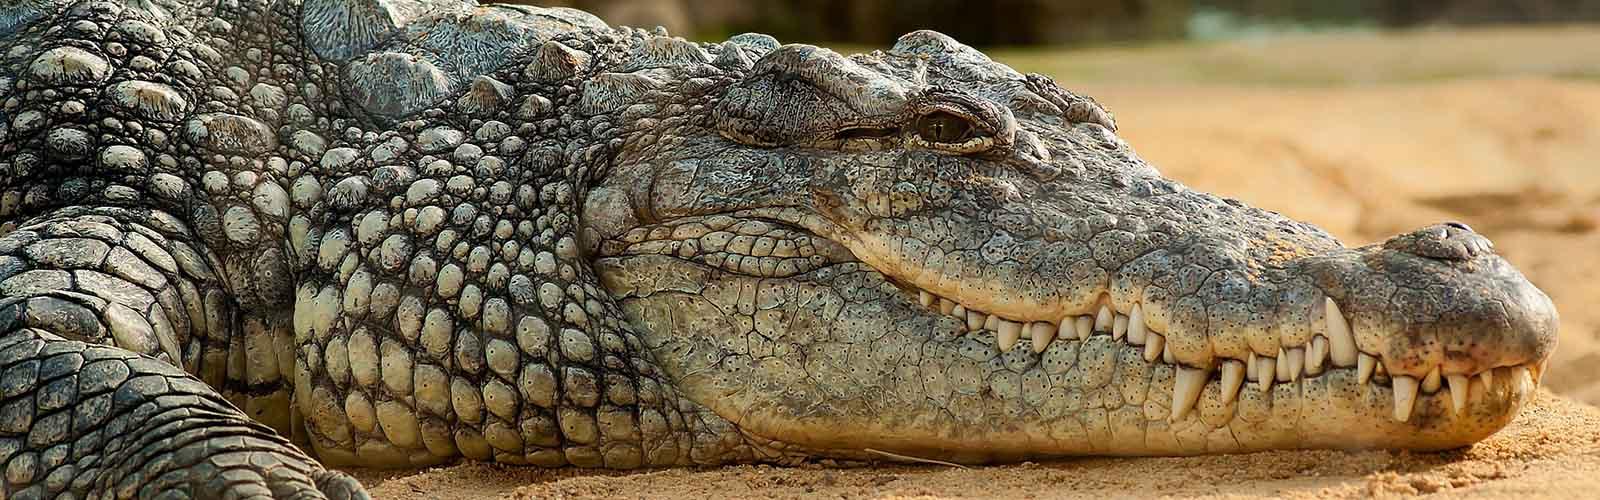 Nile Crocodile Hunting